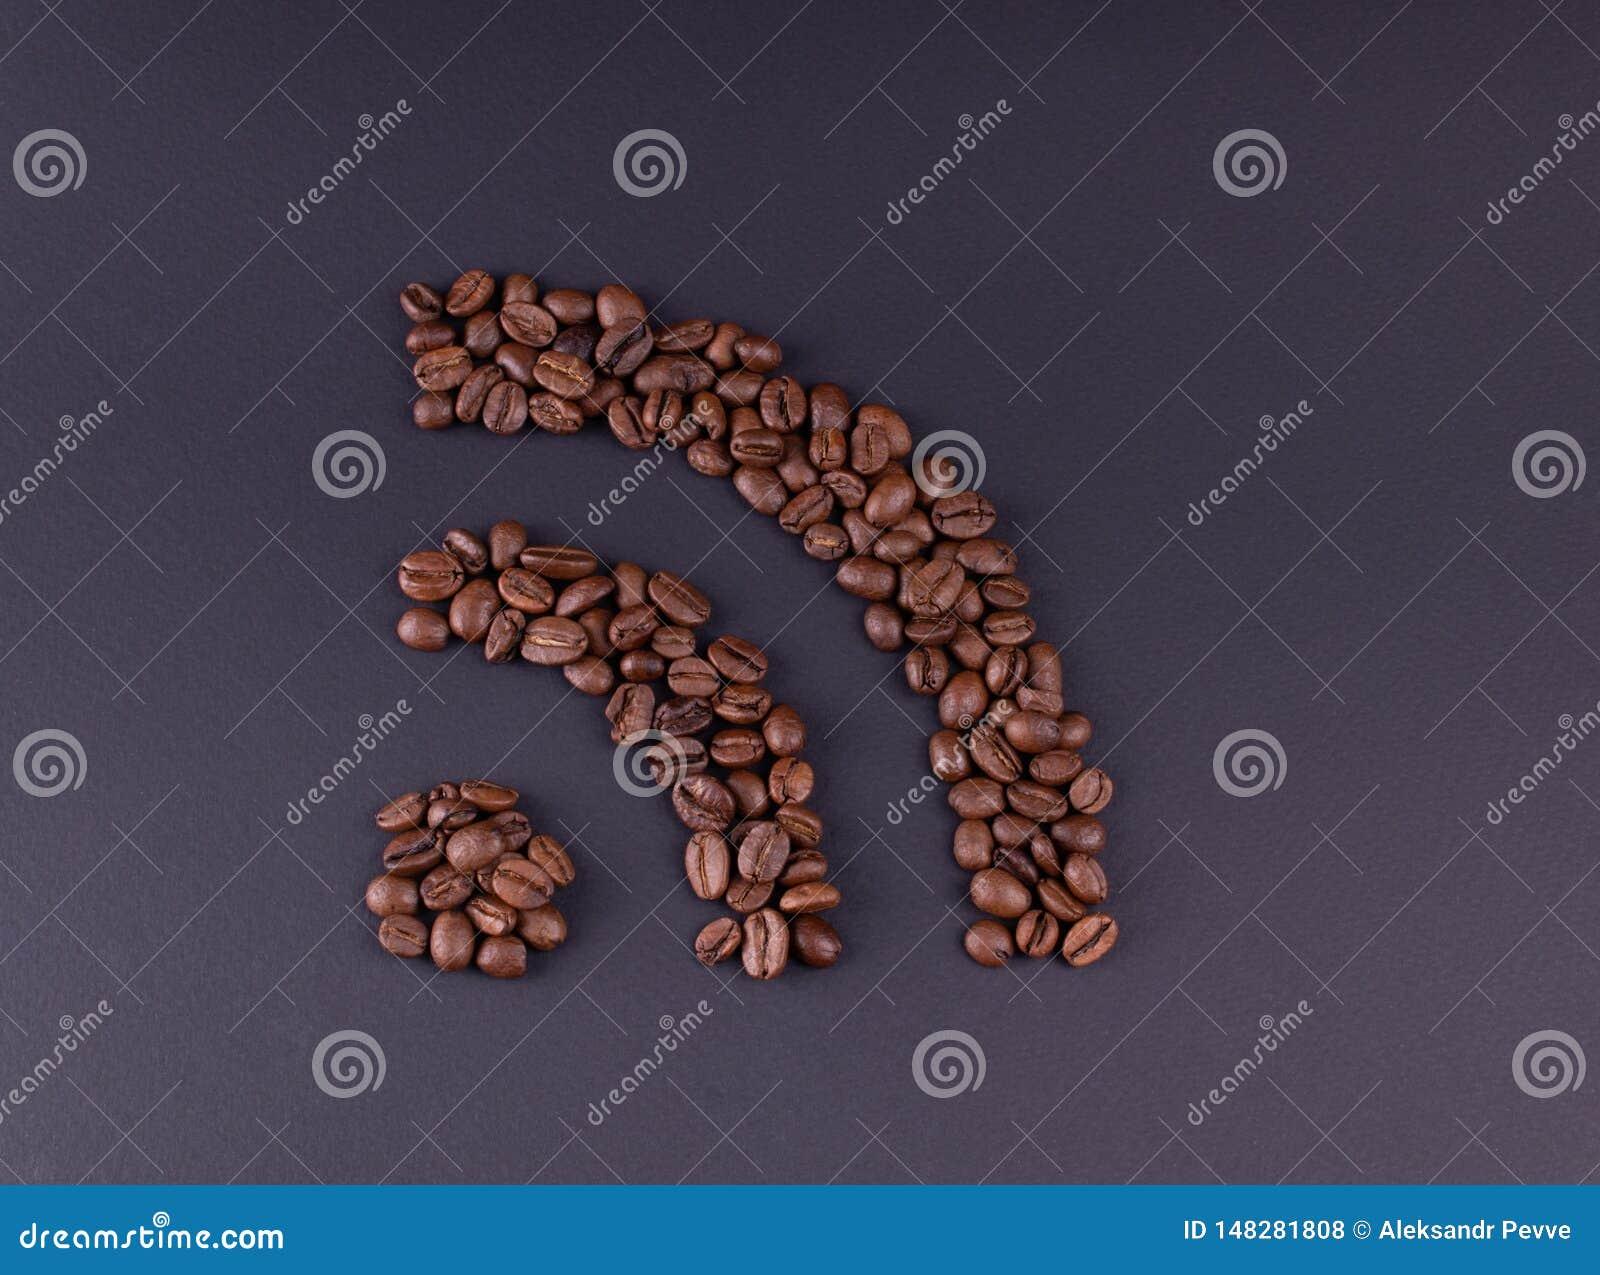 Os wi fi do sinal apresentaram grãos de café em um fundo escuro